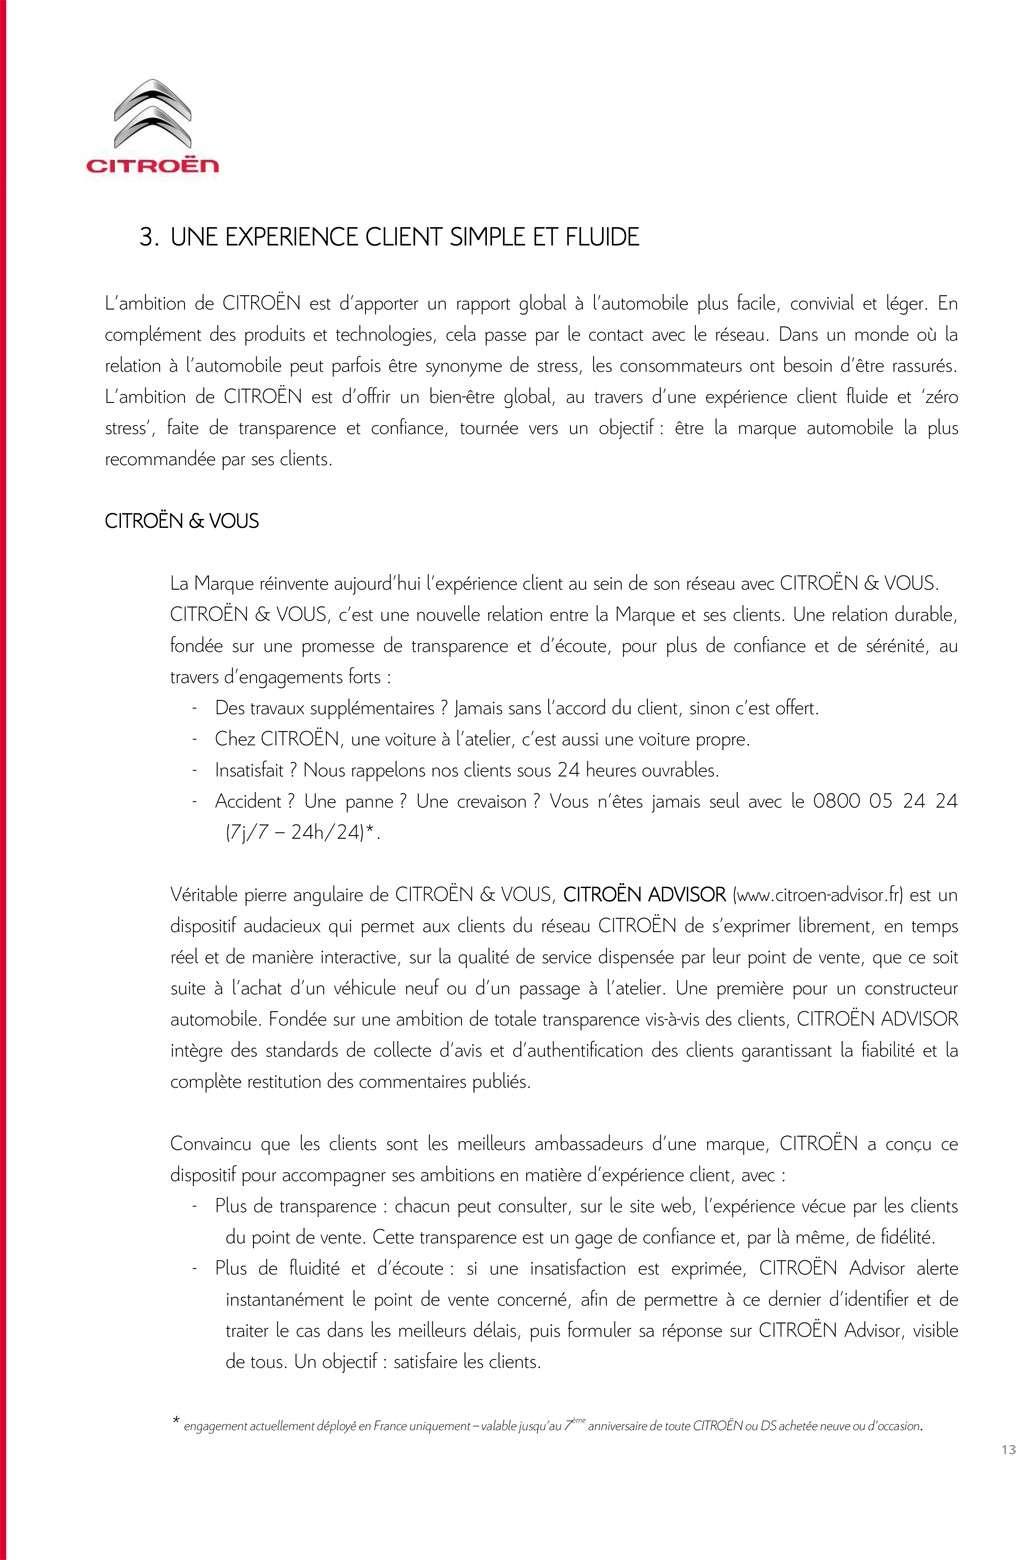 [SALON] Paris - Mondial de l'Automobile 2014 - Page 6 Dp_cit22